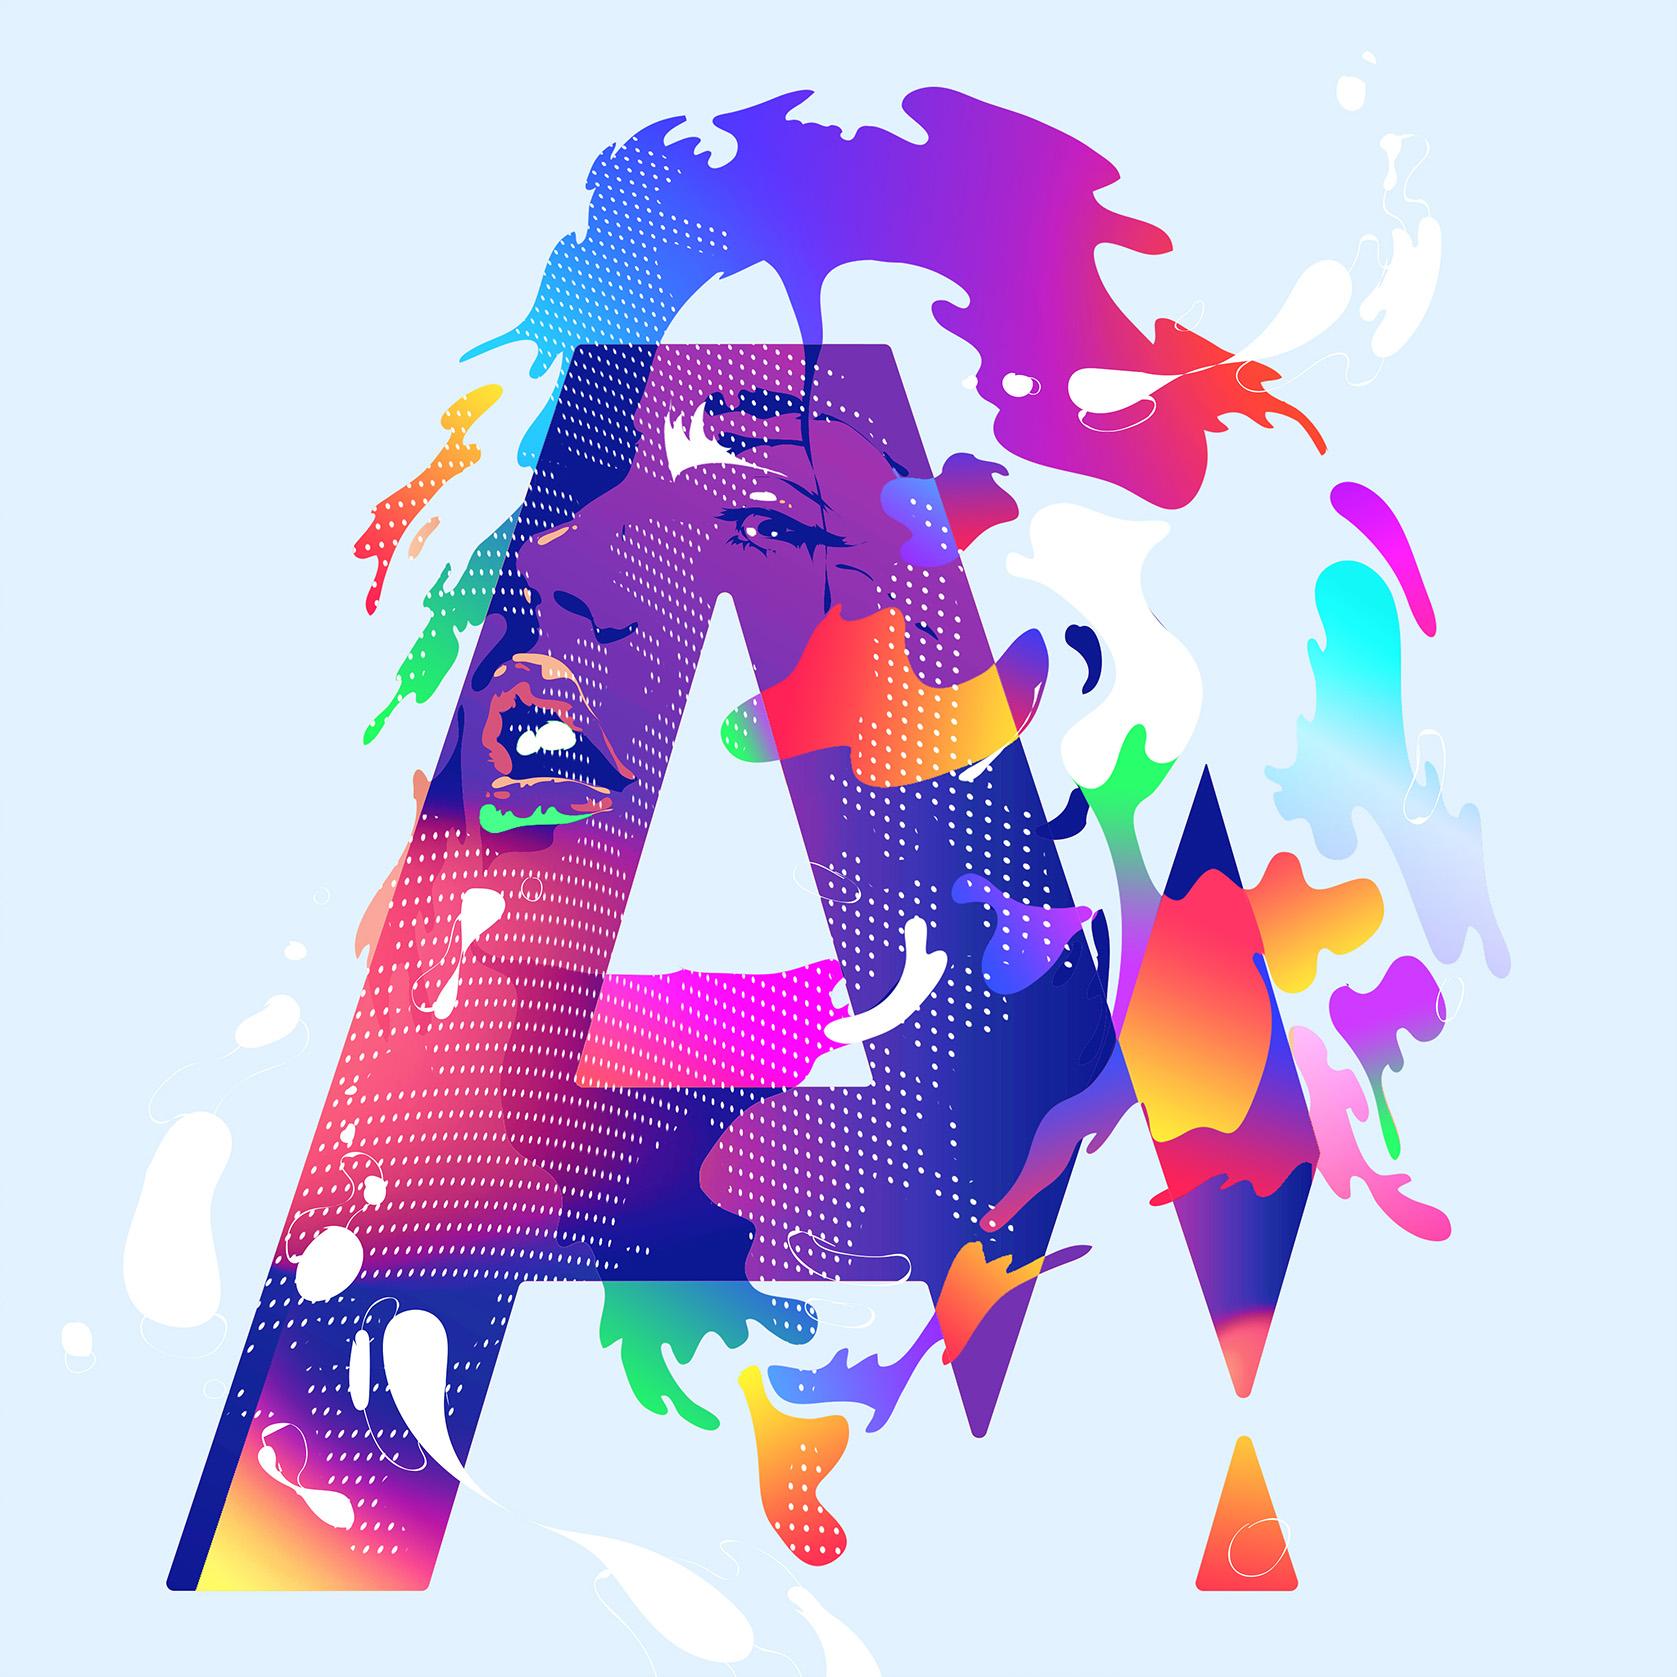 AlphaWall-A-BramVanhaeren-AA